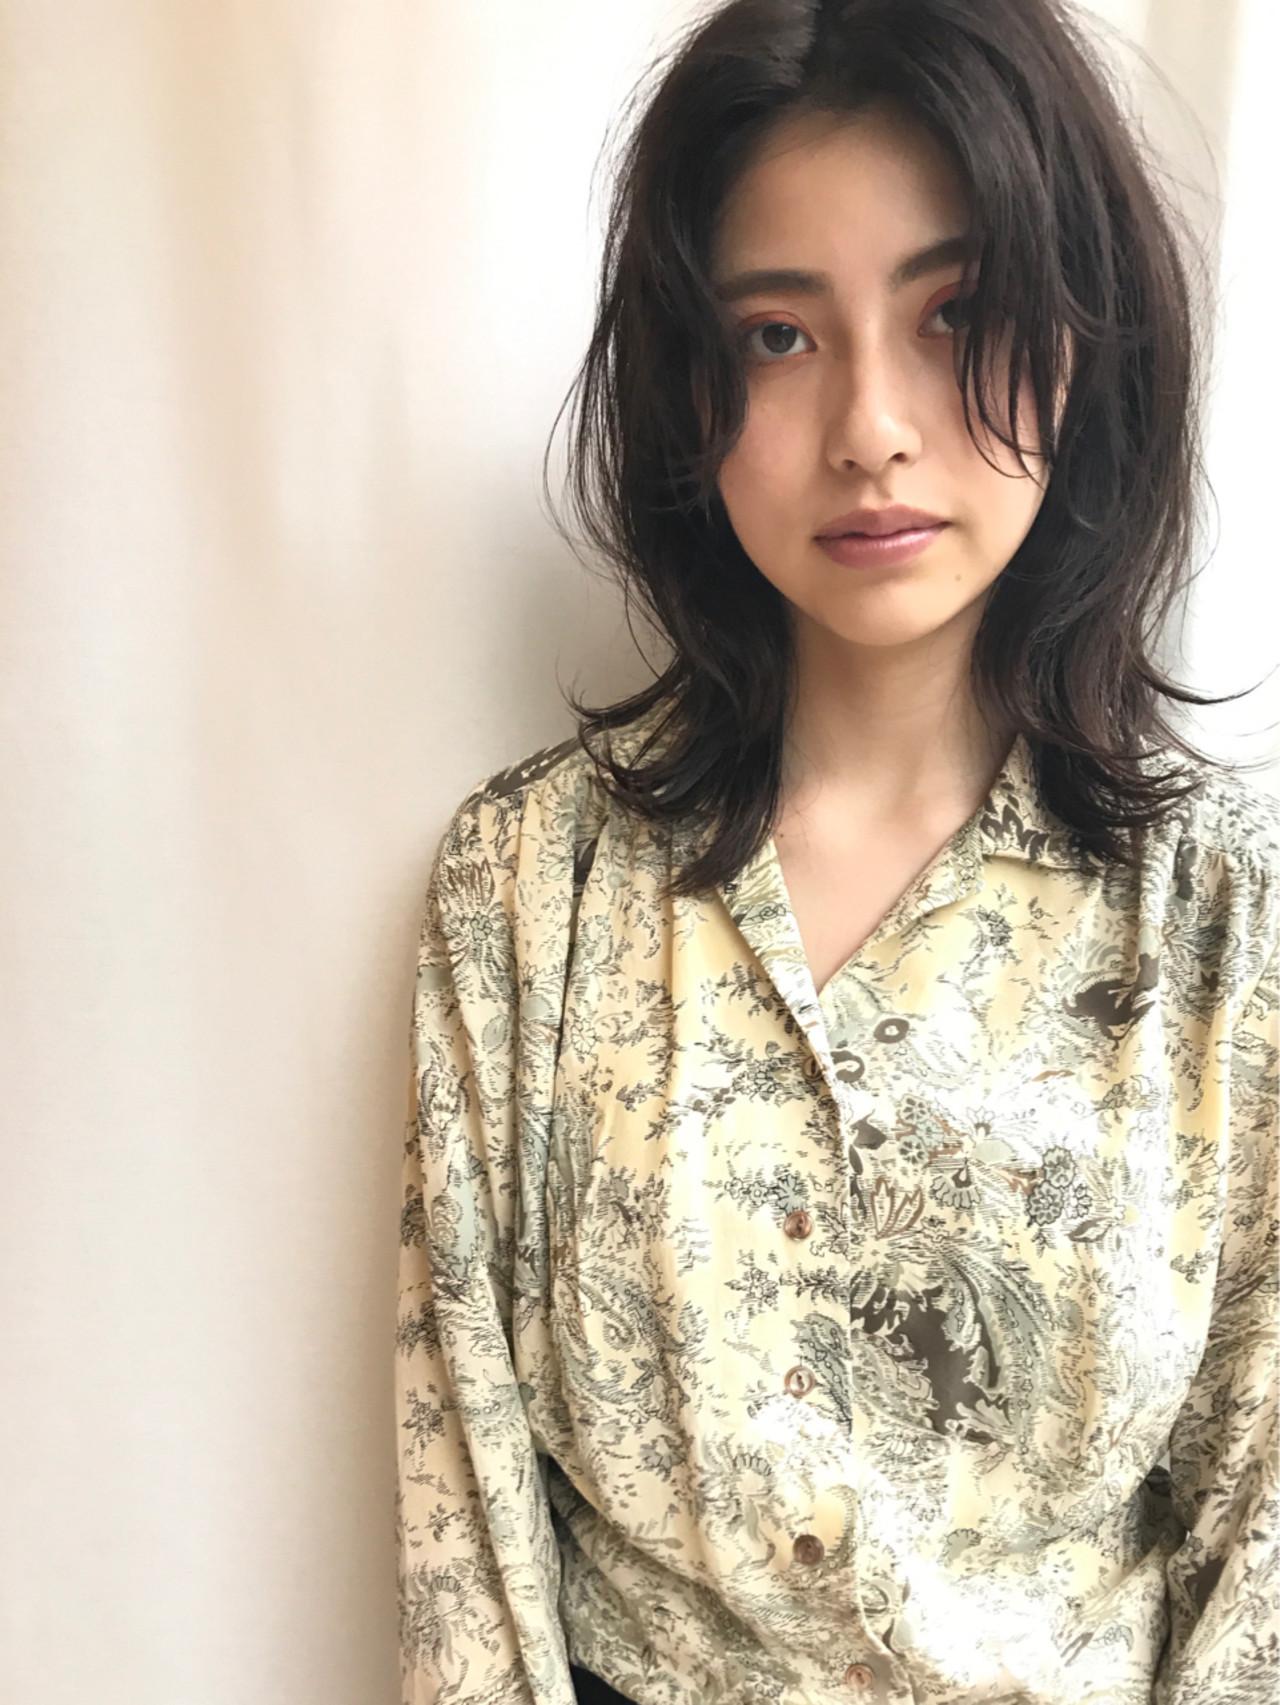 おすすめの前髪なしスタイル② 小走 祥菜 | tricca